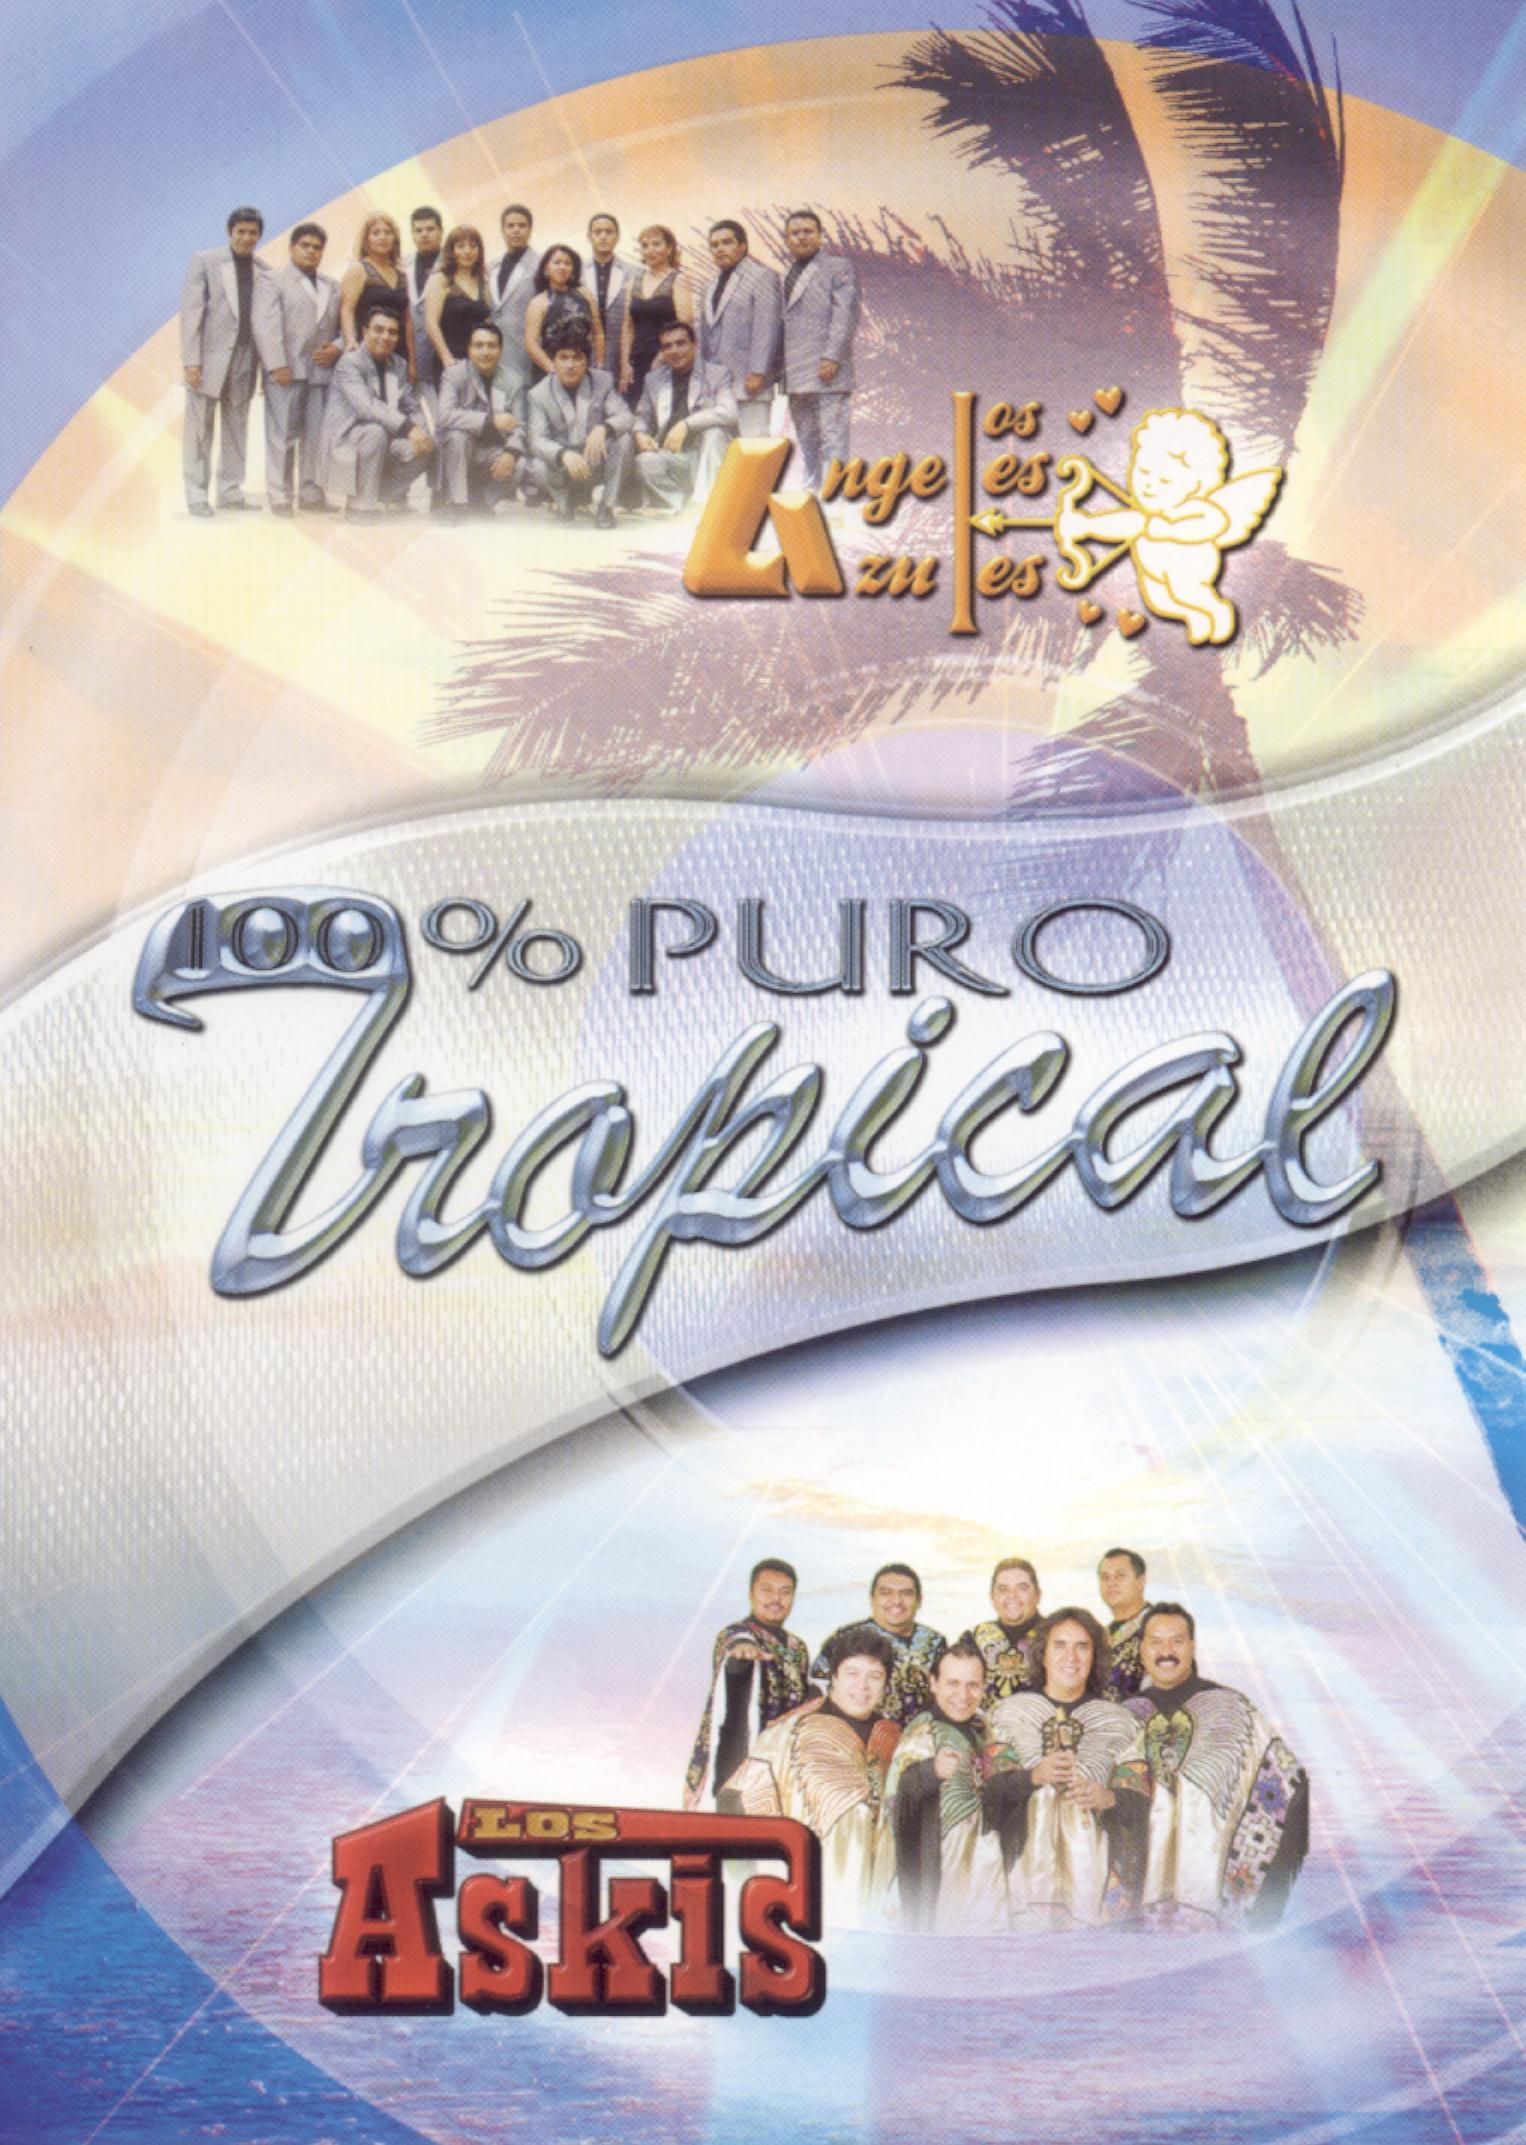 Los Angeles Azules/Los Askis: 100% Puro Tropical